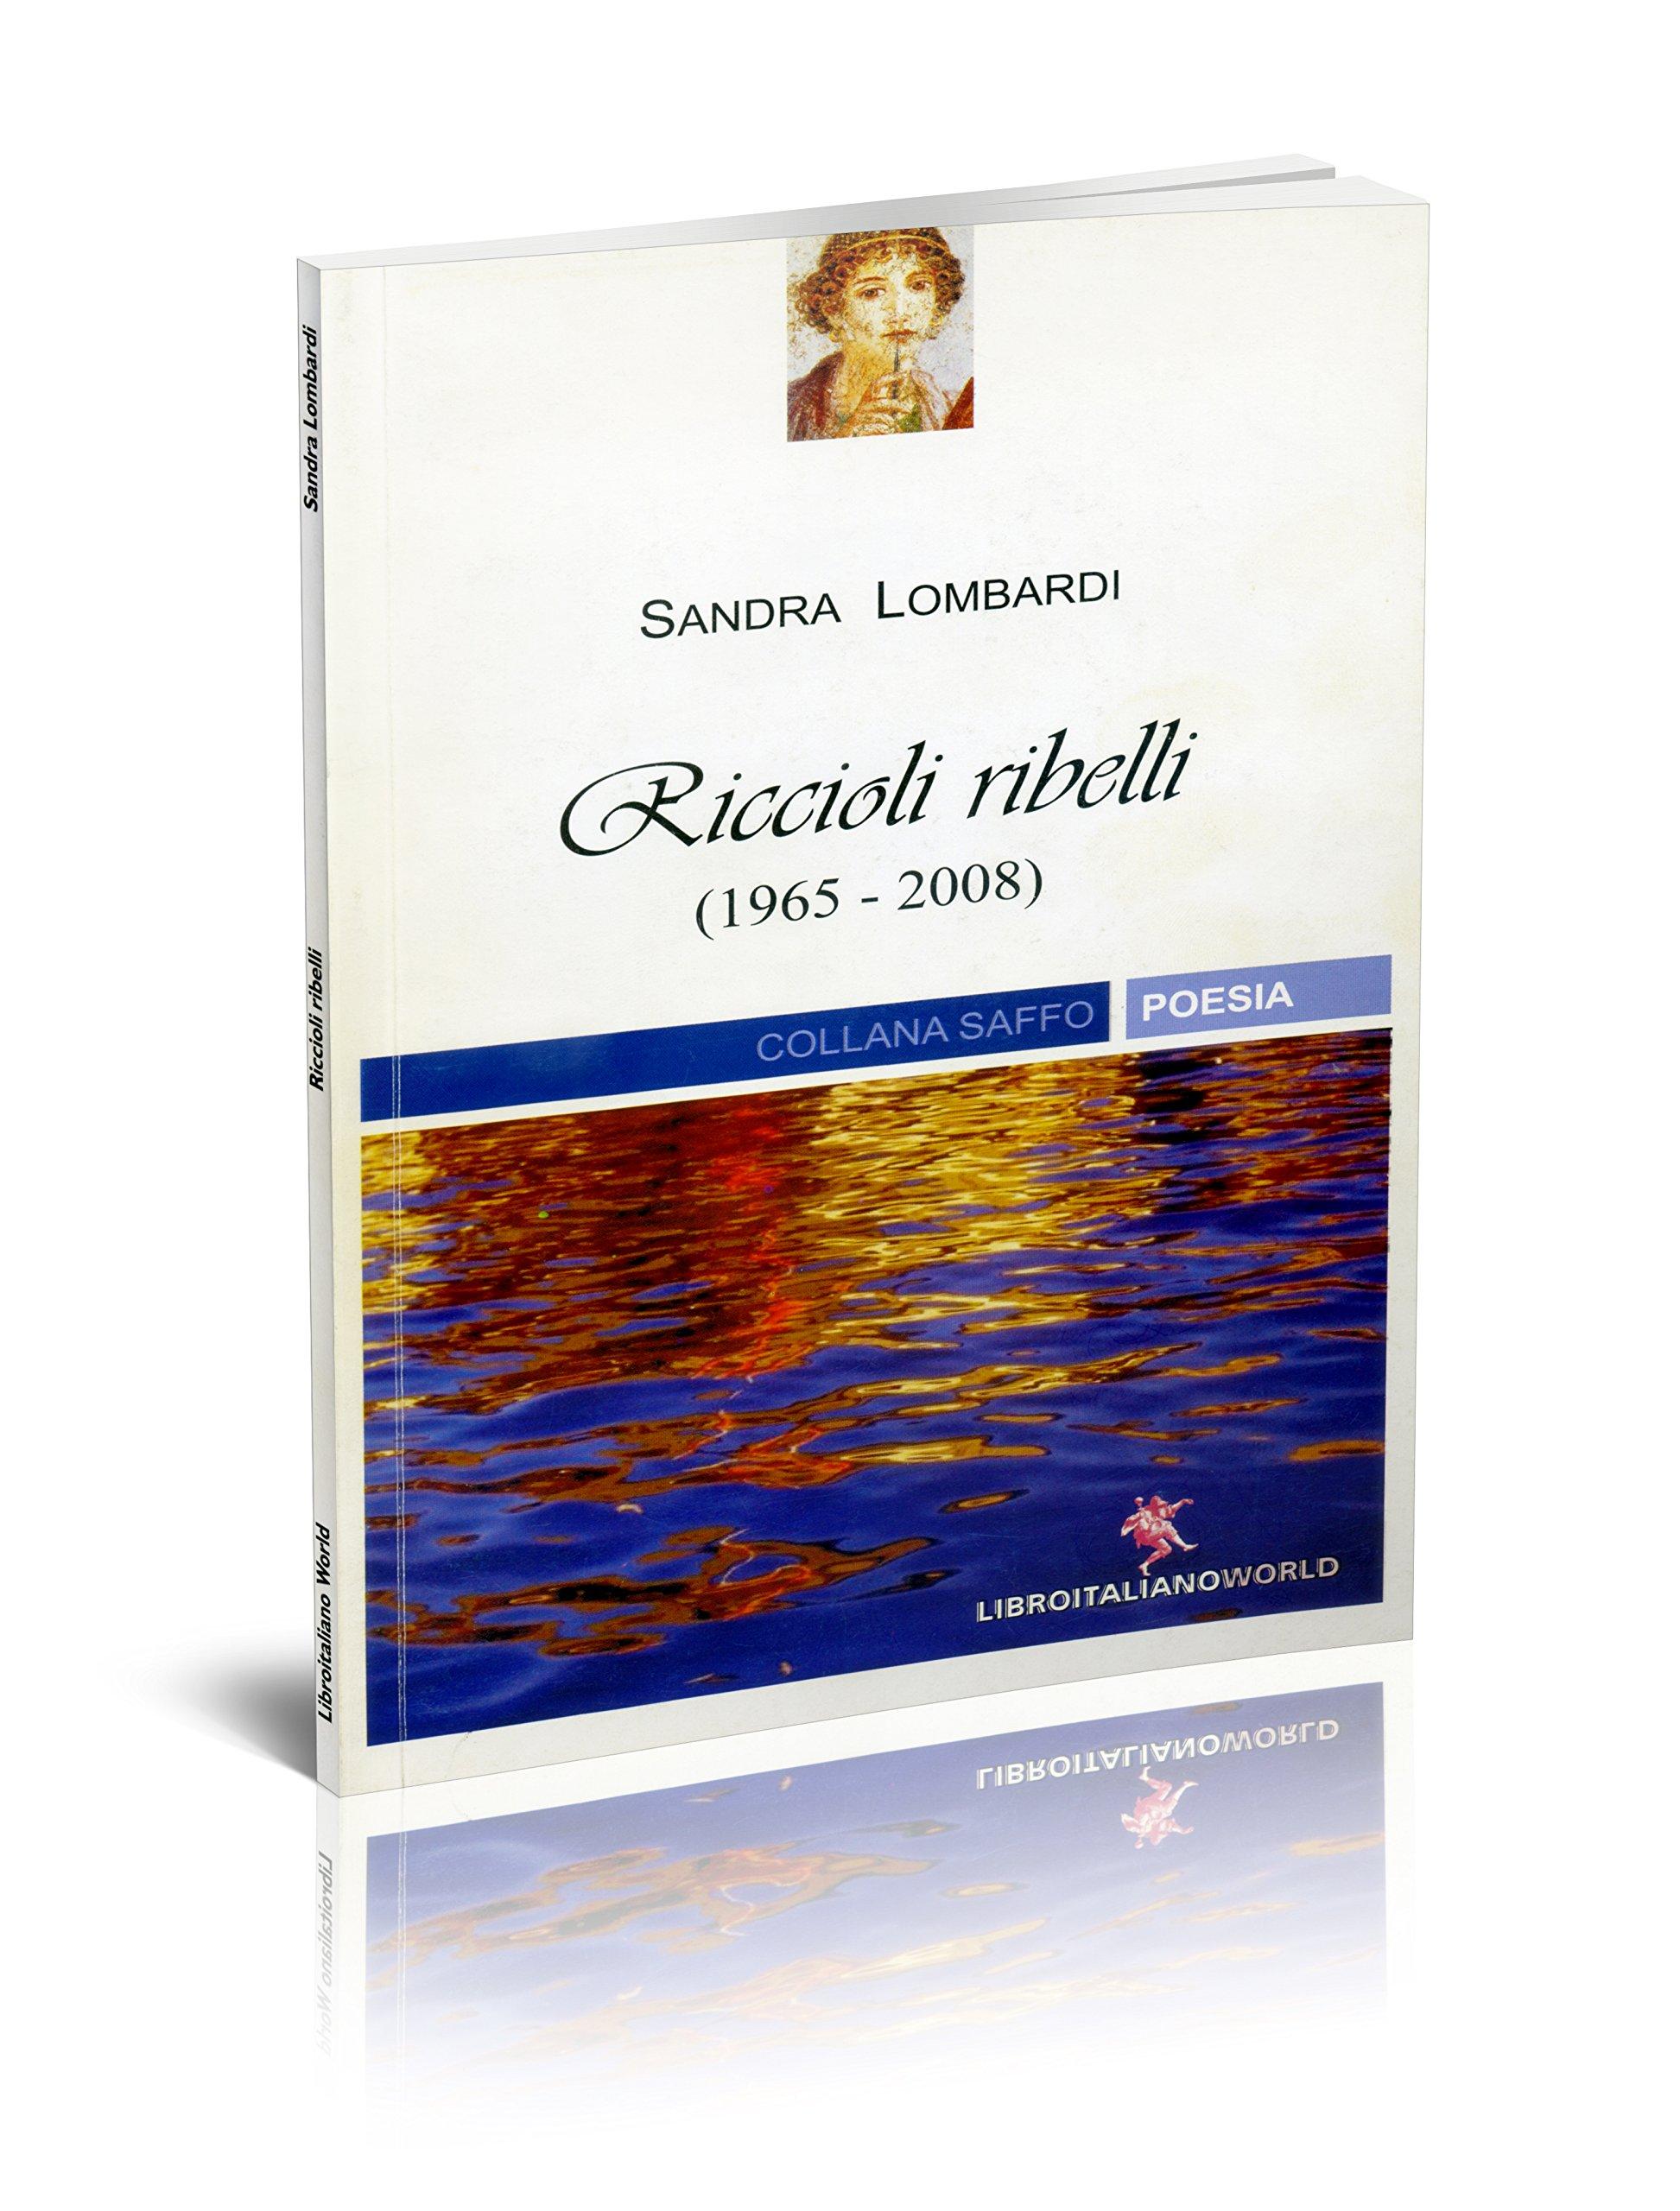 Riccioli Ribelli, Sandra Lombardi, LibroItaliano World, 2009, 56 pagine, ISBN 978-8878658196